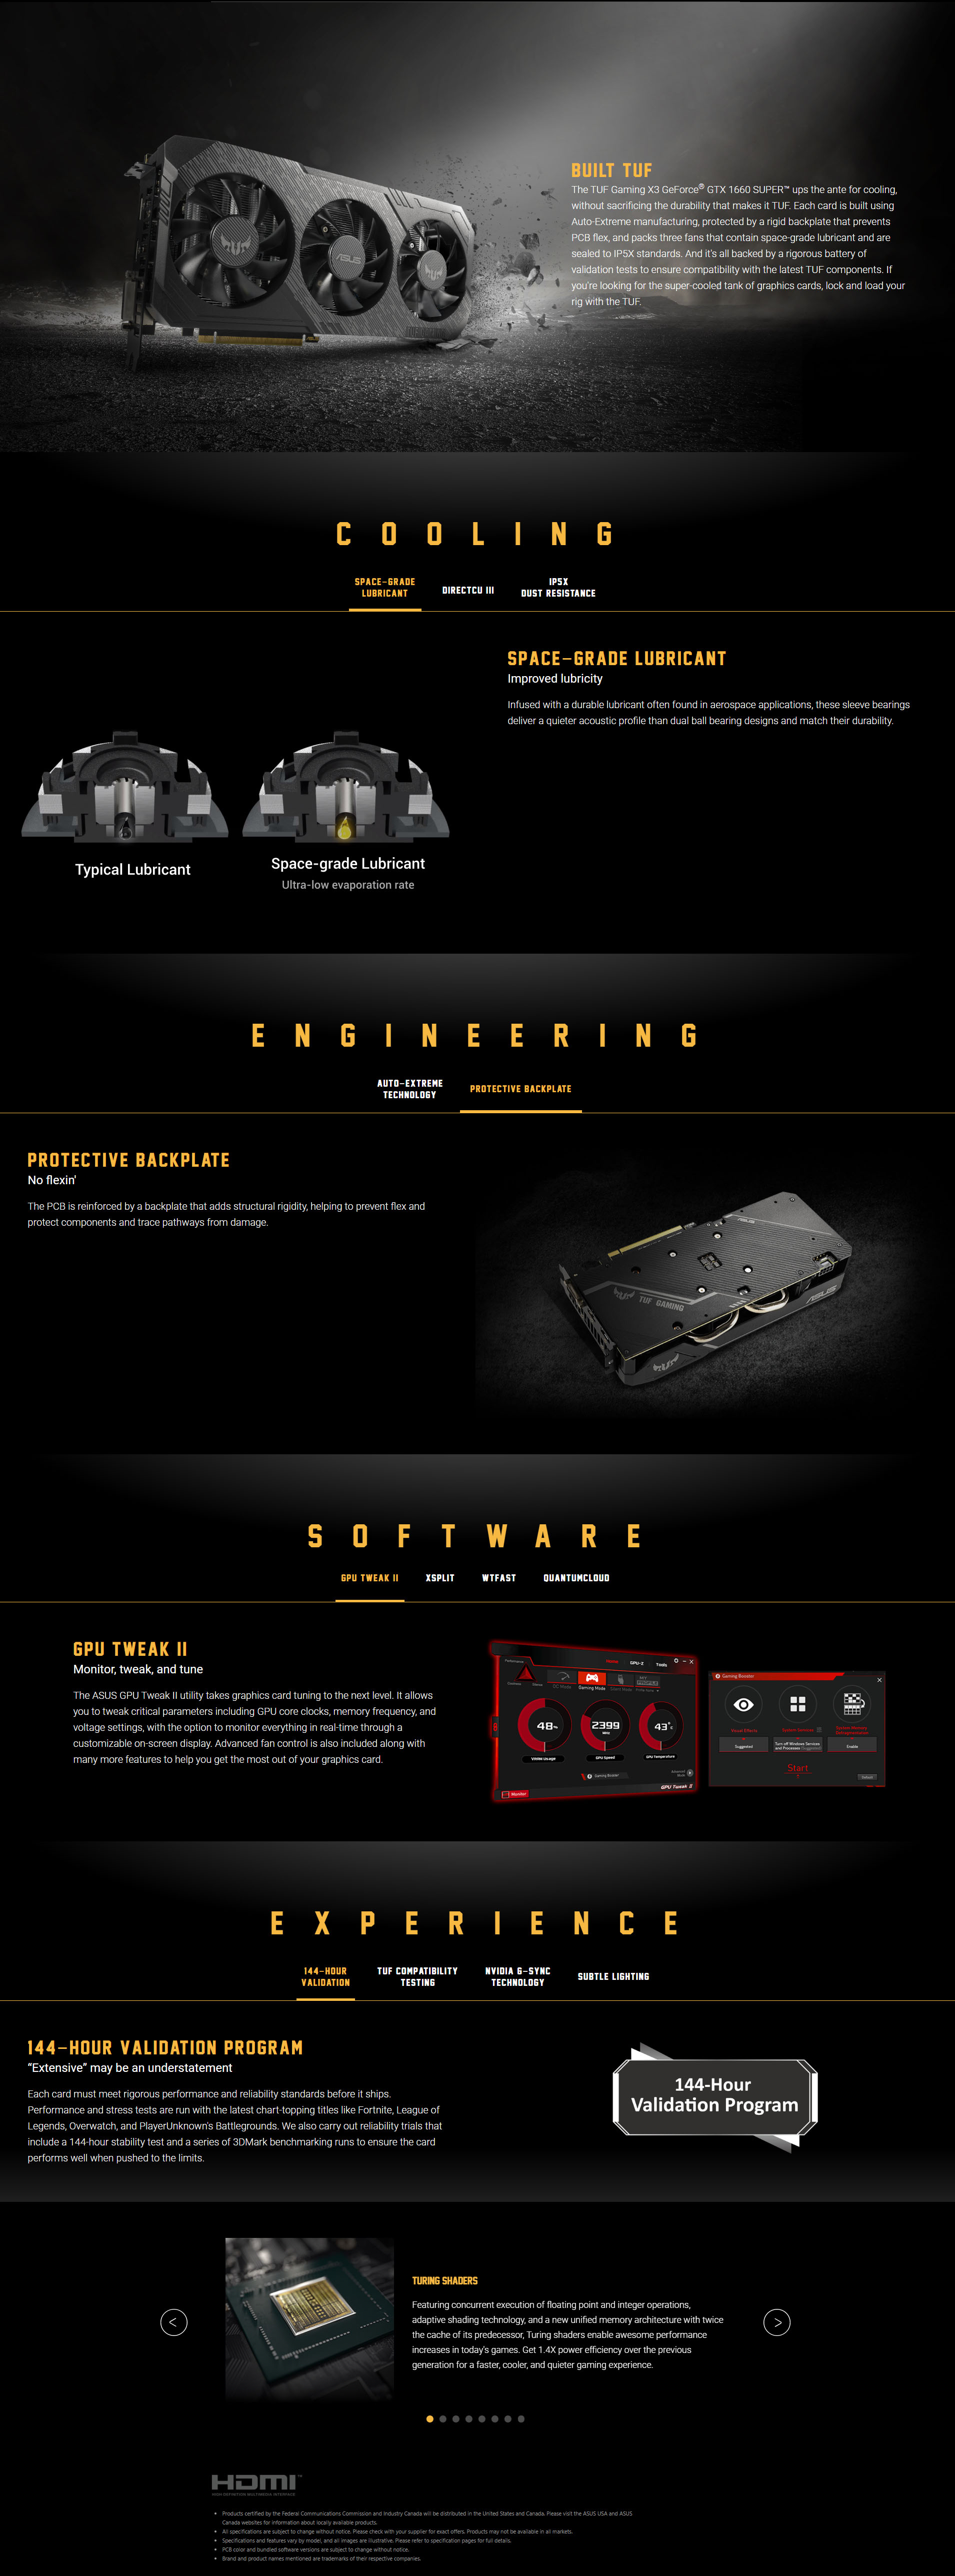 TUF 3-GTX1660S-O6G-GAMINGSPEC.jpg